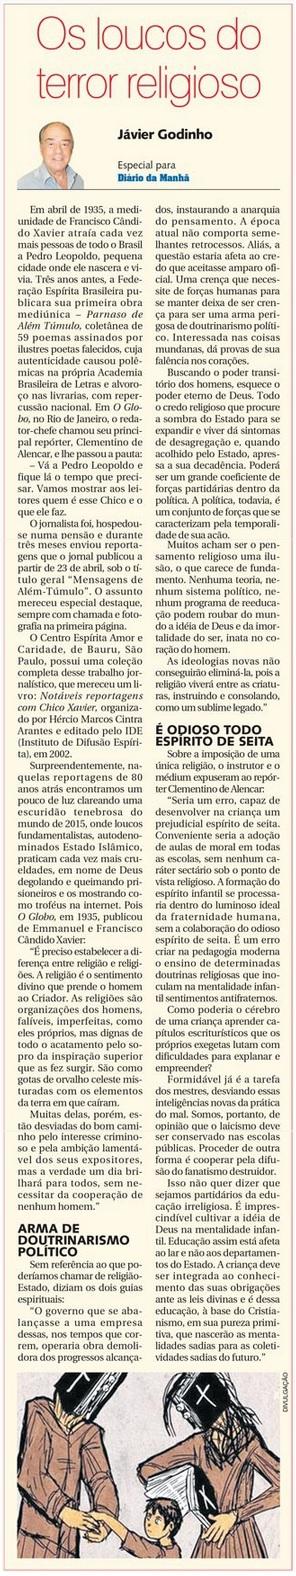 DM 25-02-2015 - Os loucos do terror religioso - Jávier Godinho